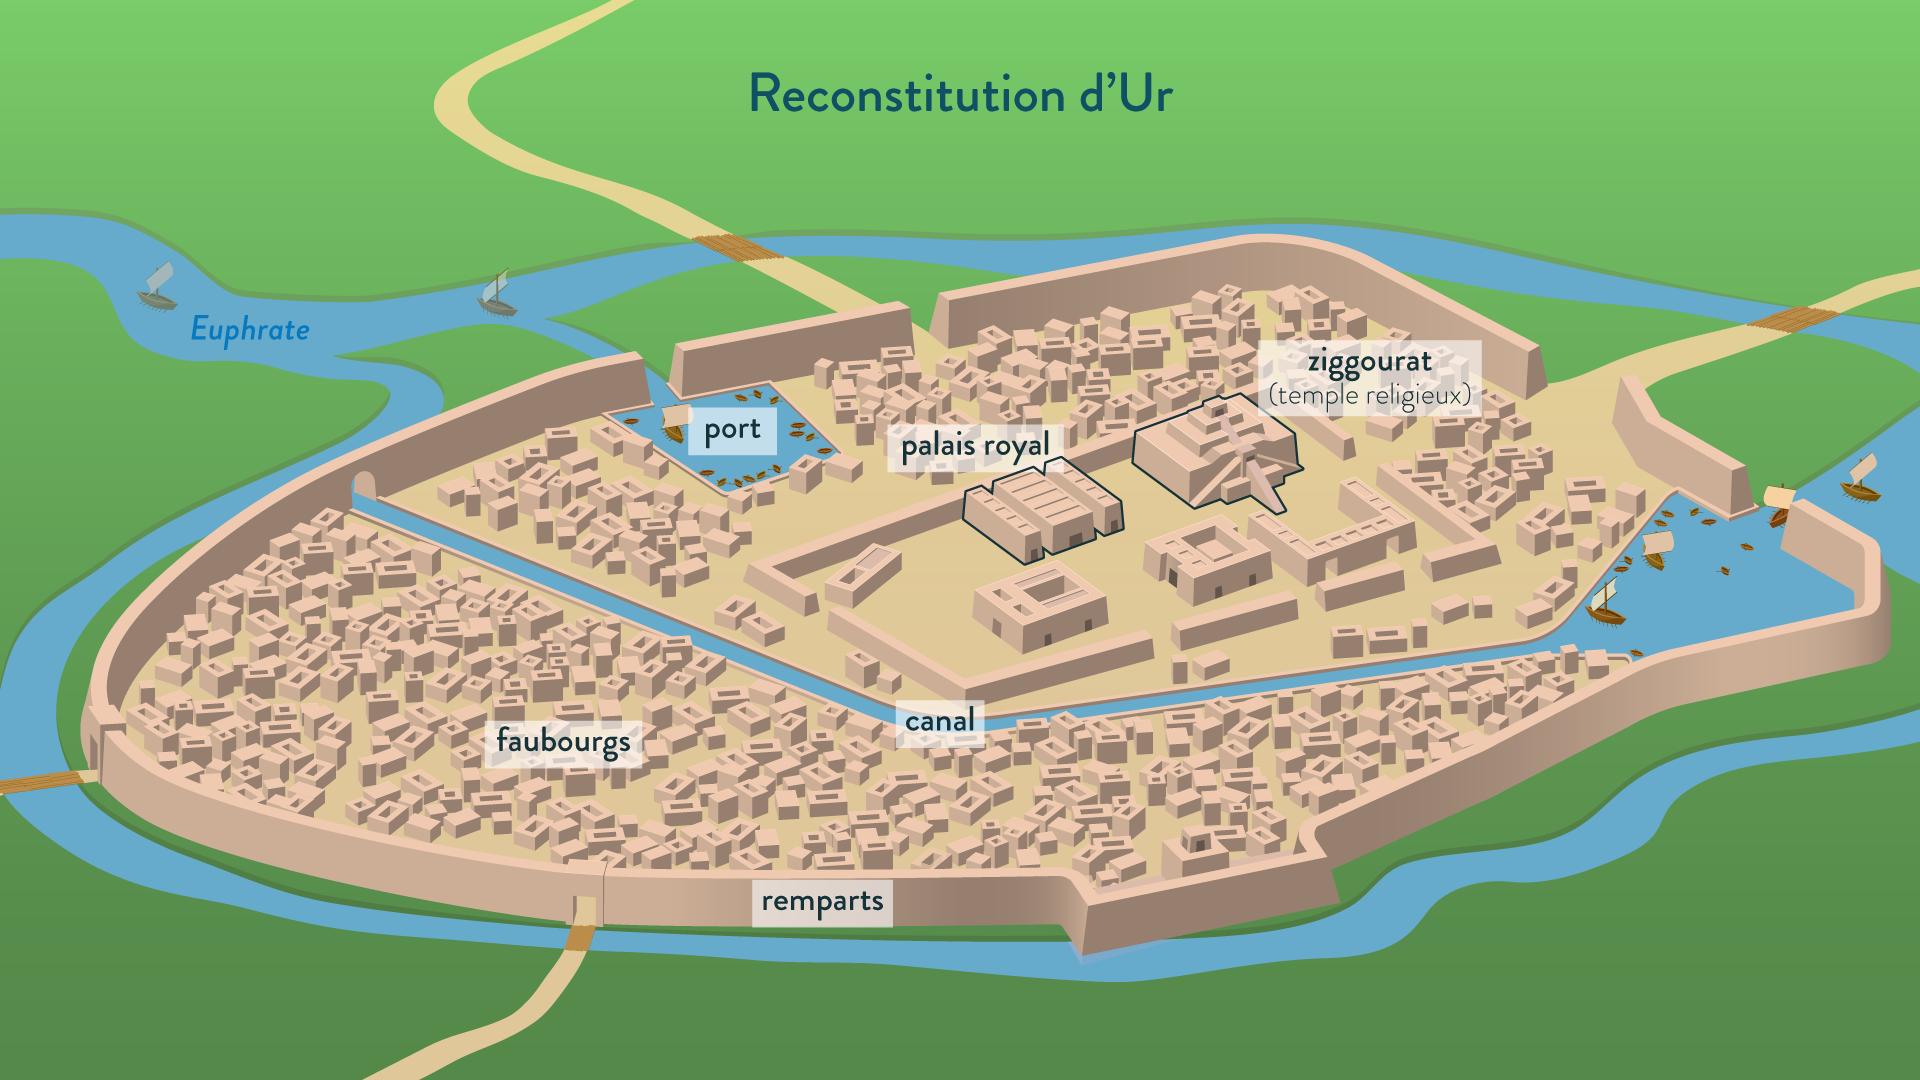 La cité d'Ur-histoire-6e